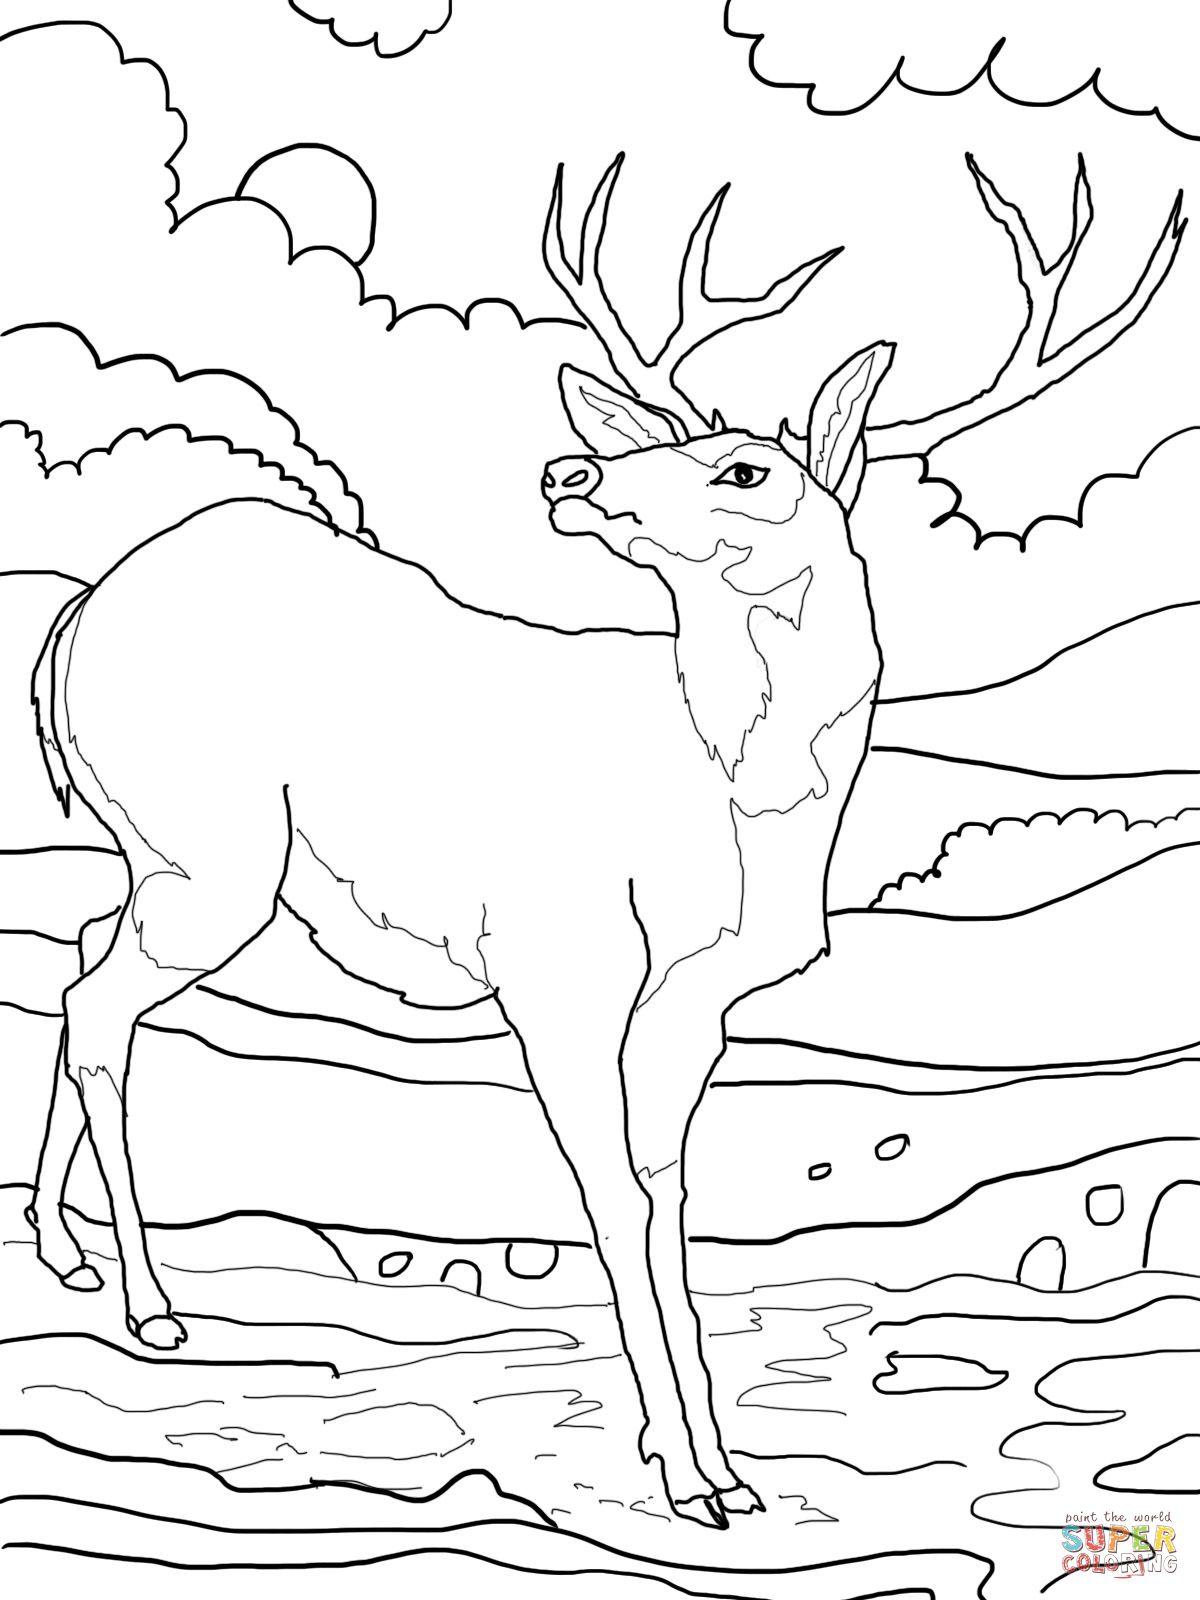 Drawing pages of deer - Deer